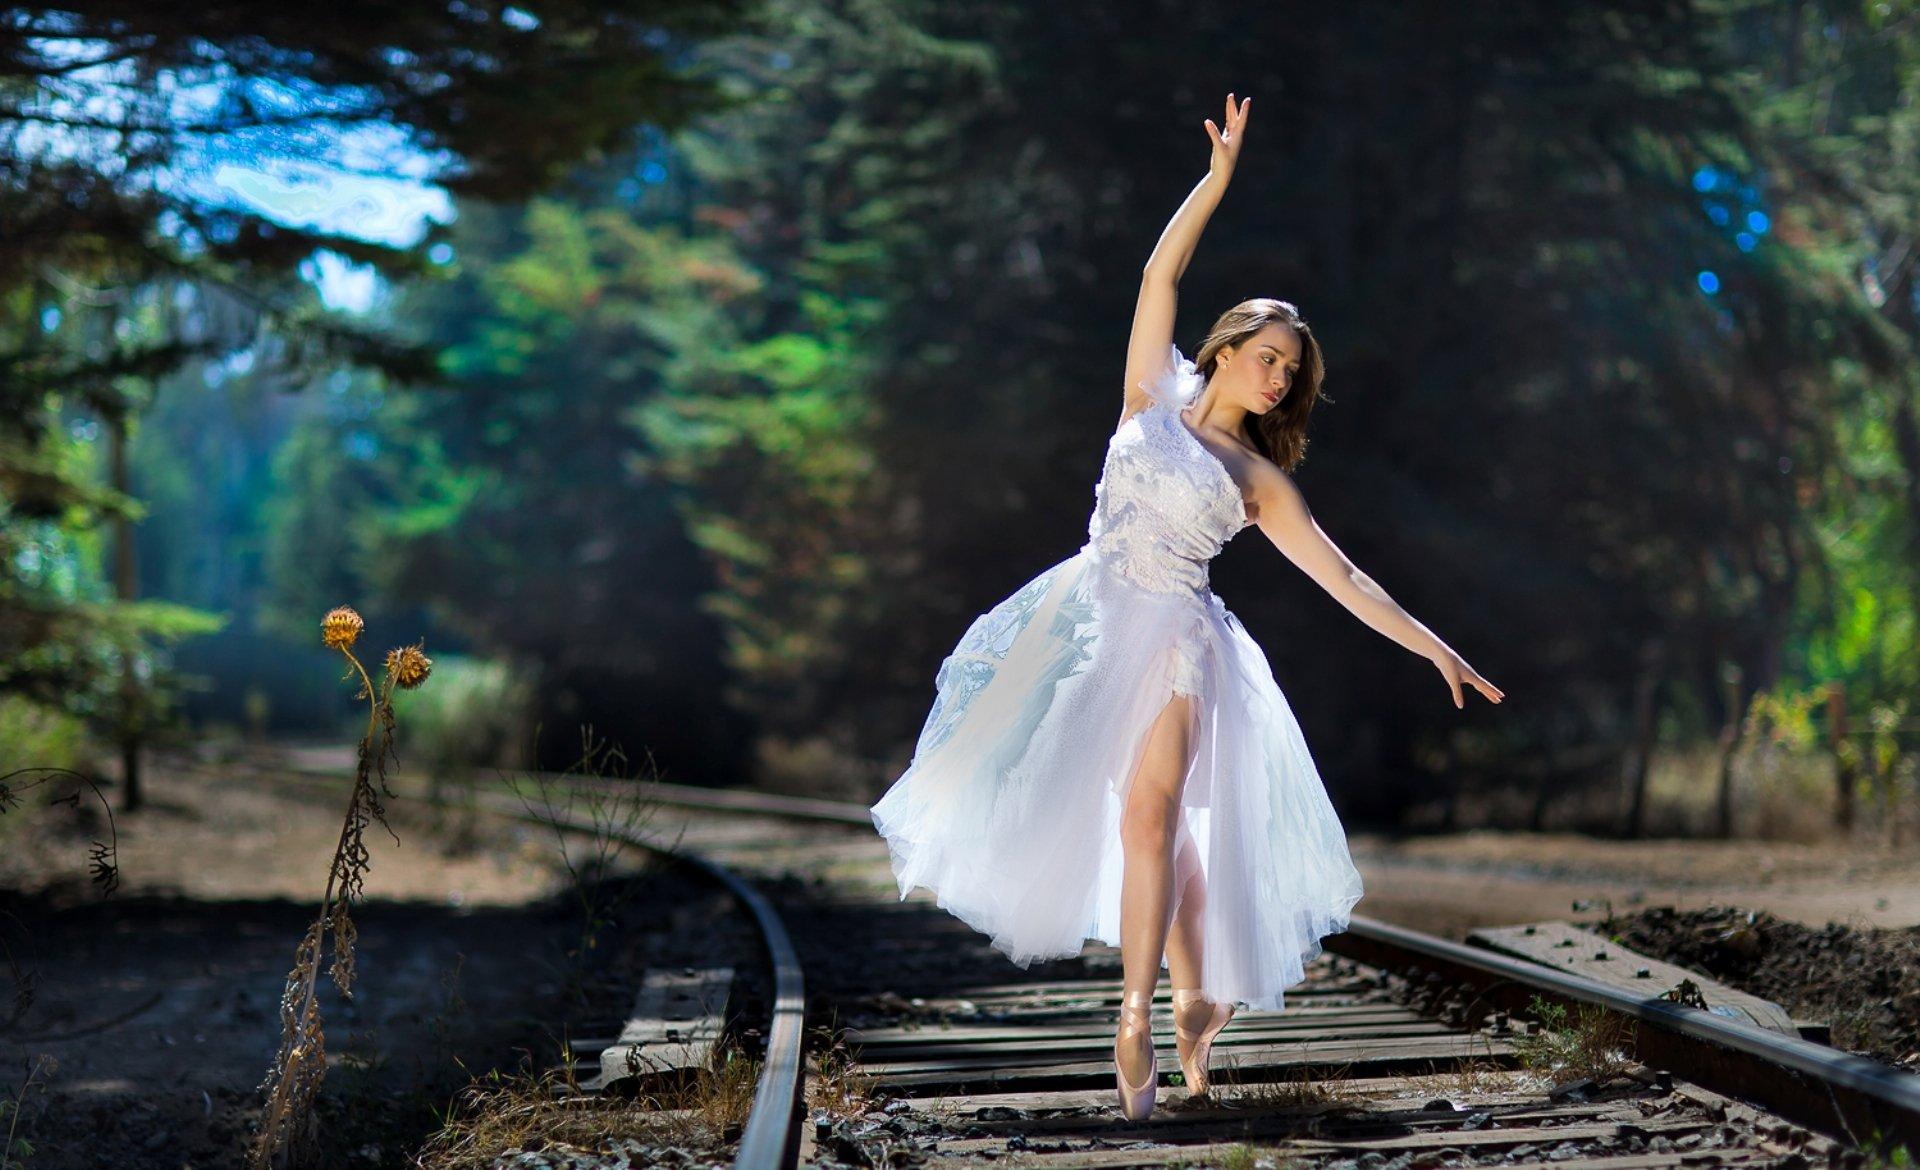 свадебное платье девушка туфли осень бесплатно